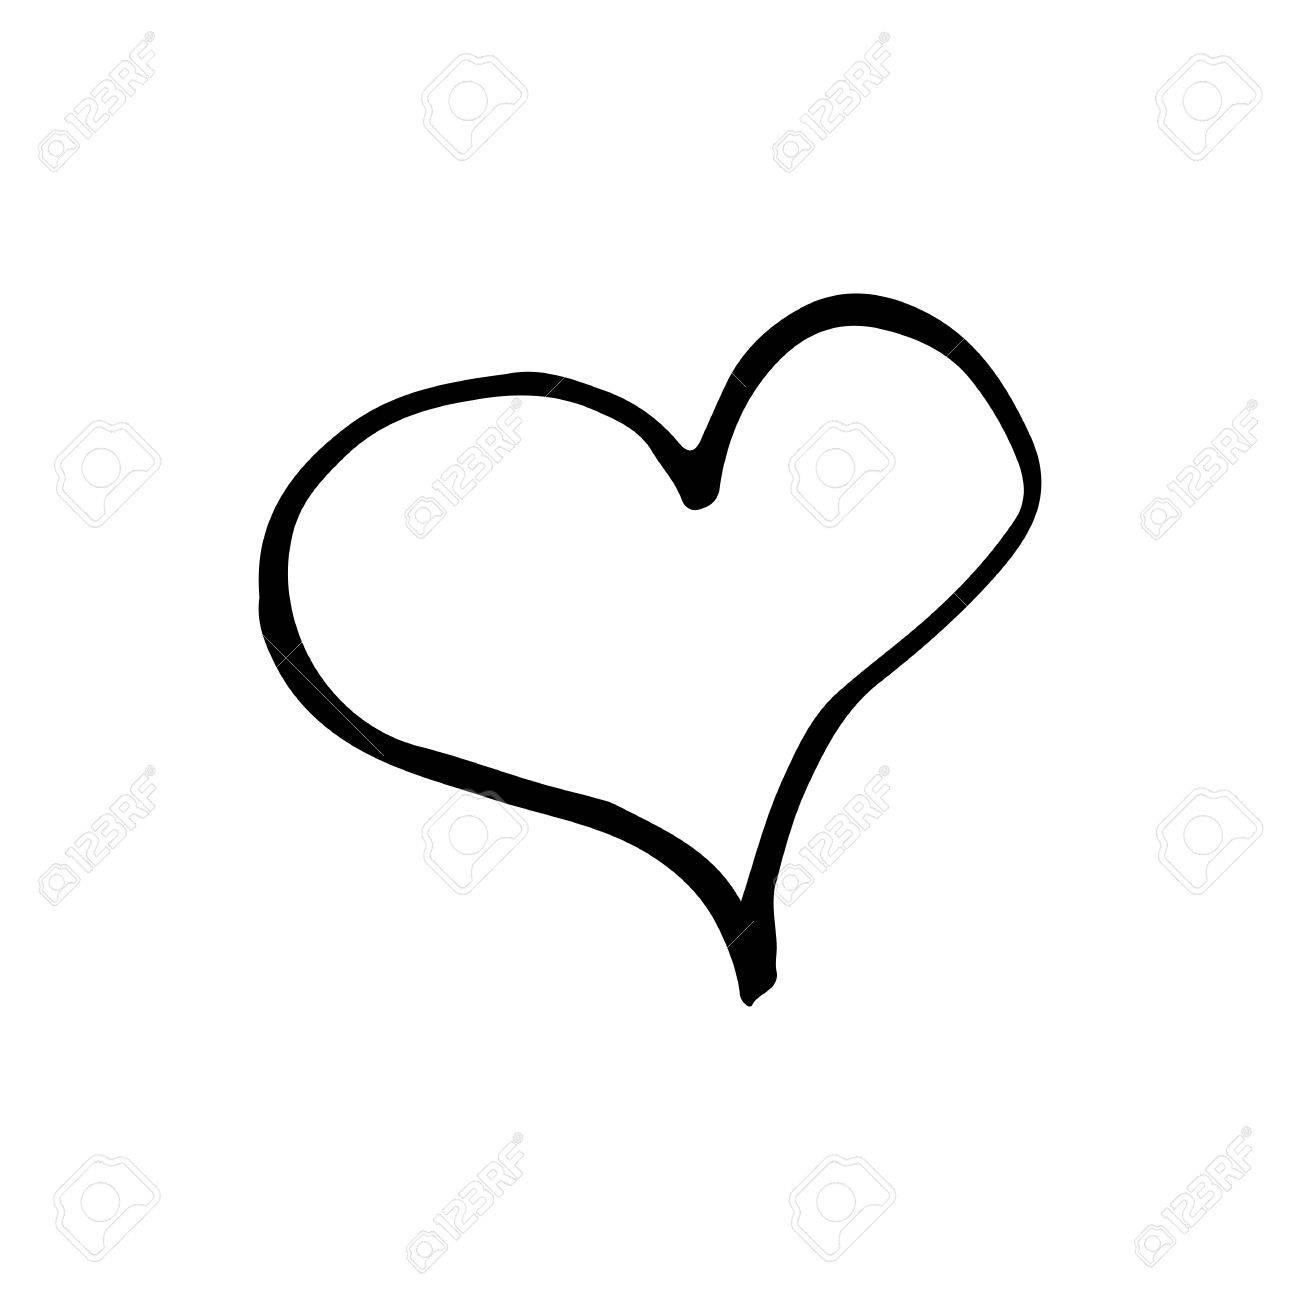 Corazón Dibujado A Mano Dibujos Animados Lineal Doodle De Corazón